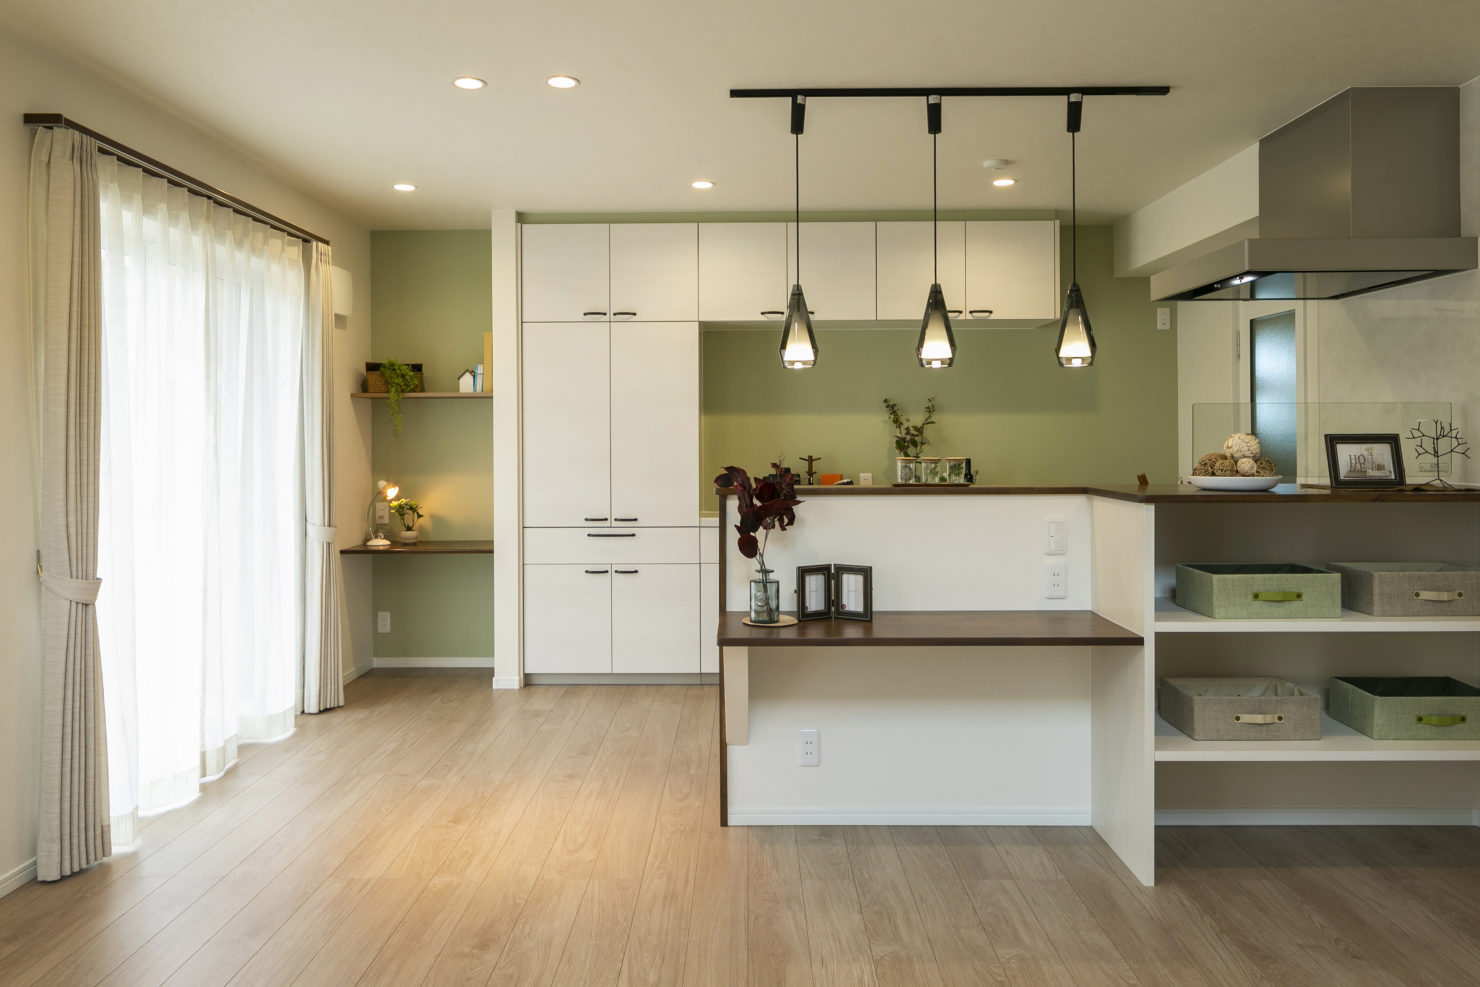 ハウスM21「片付けの習慣化でゆとりのある暮らし」キッチン写真